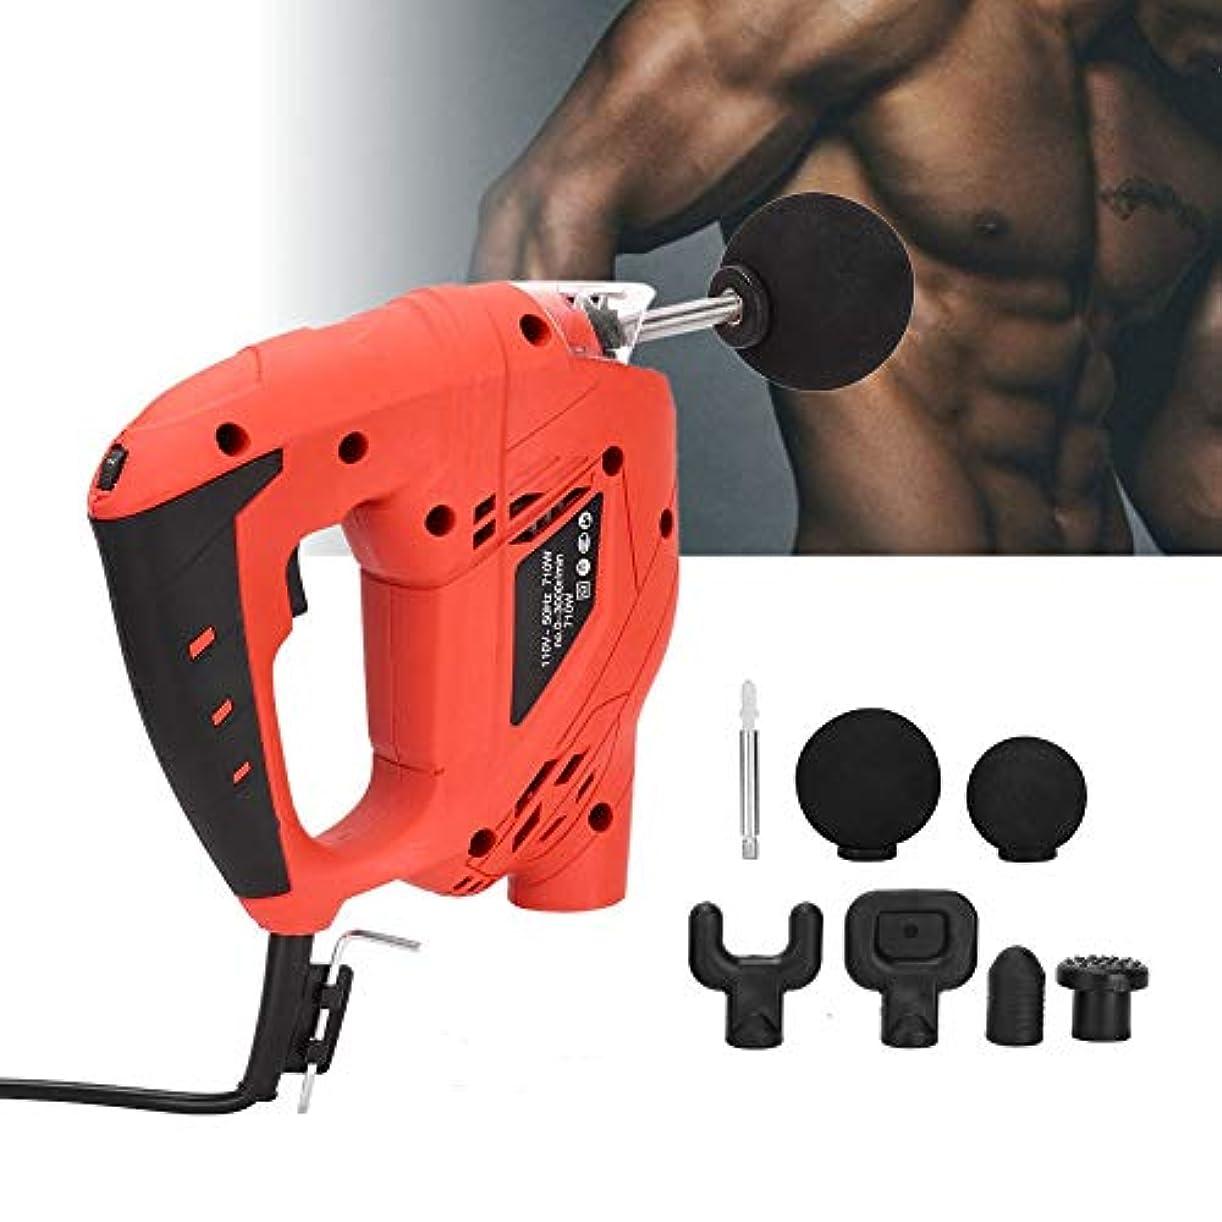 メディア抵抗早く筋肉マッサージ銃、調整可能な速度を備えたプロのハンドヘルド振動マッサージ装置、電動フルボディ筋肉マッサージ機器(US)